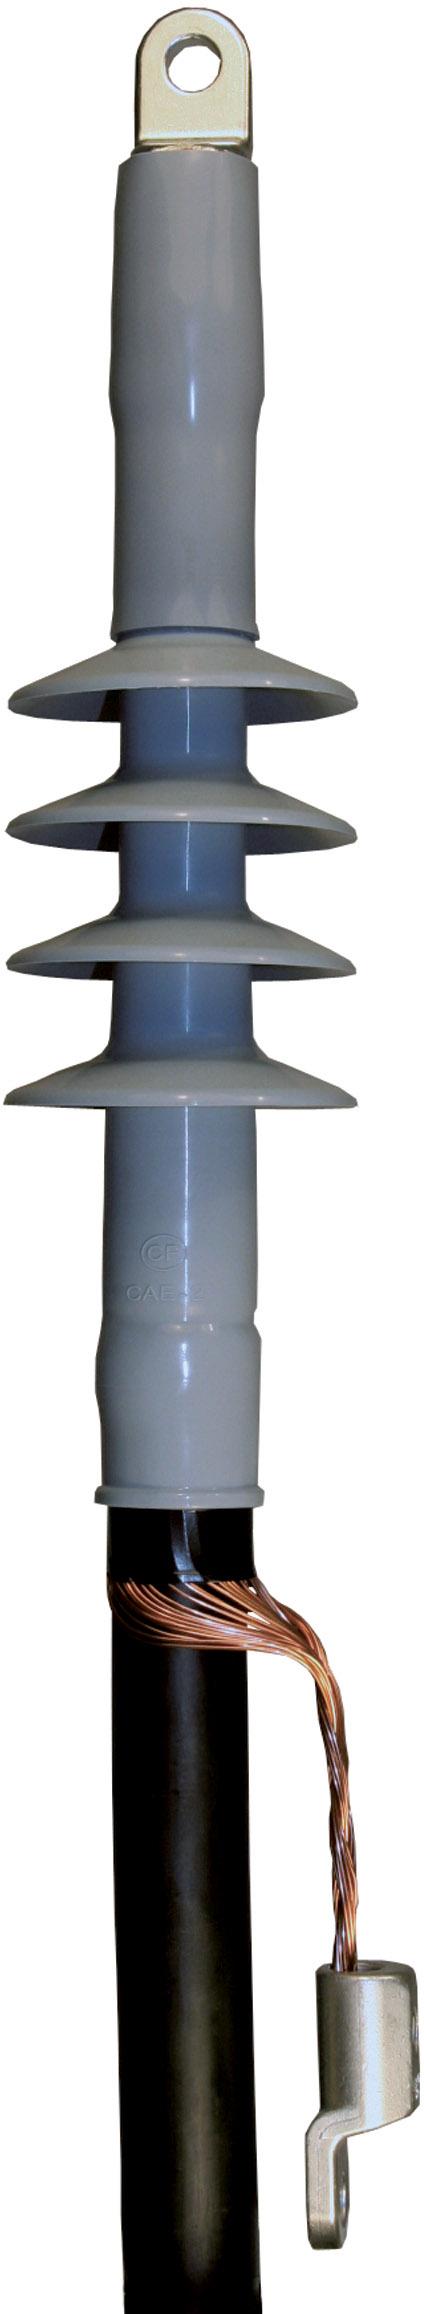 KABELAVSLUT CAE-F 24 120-400